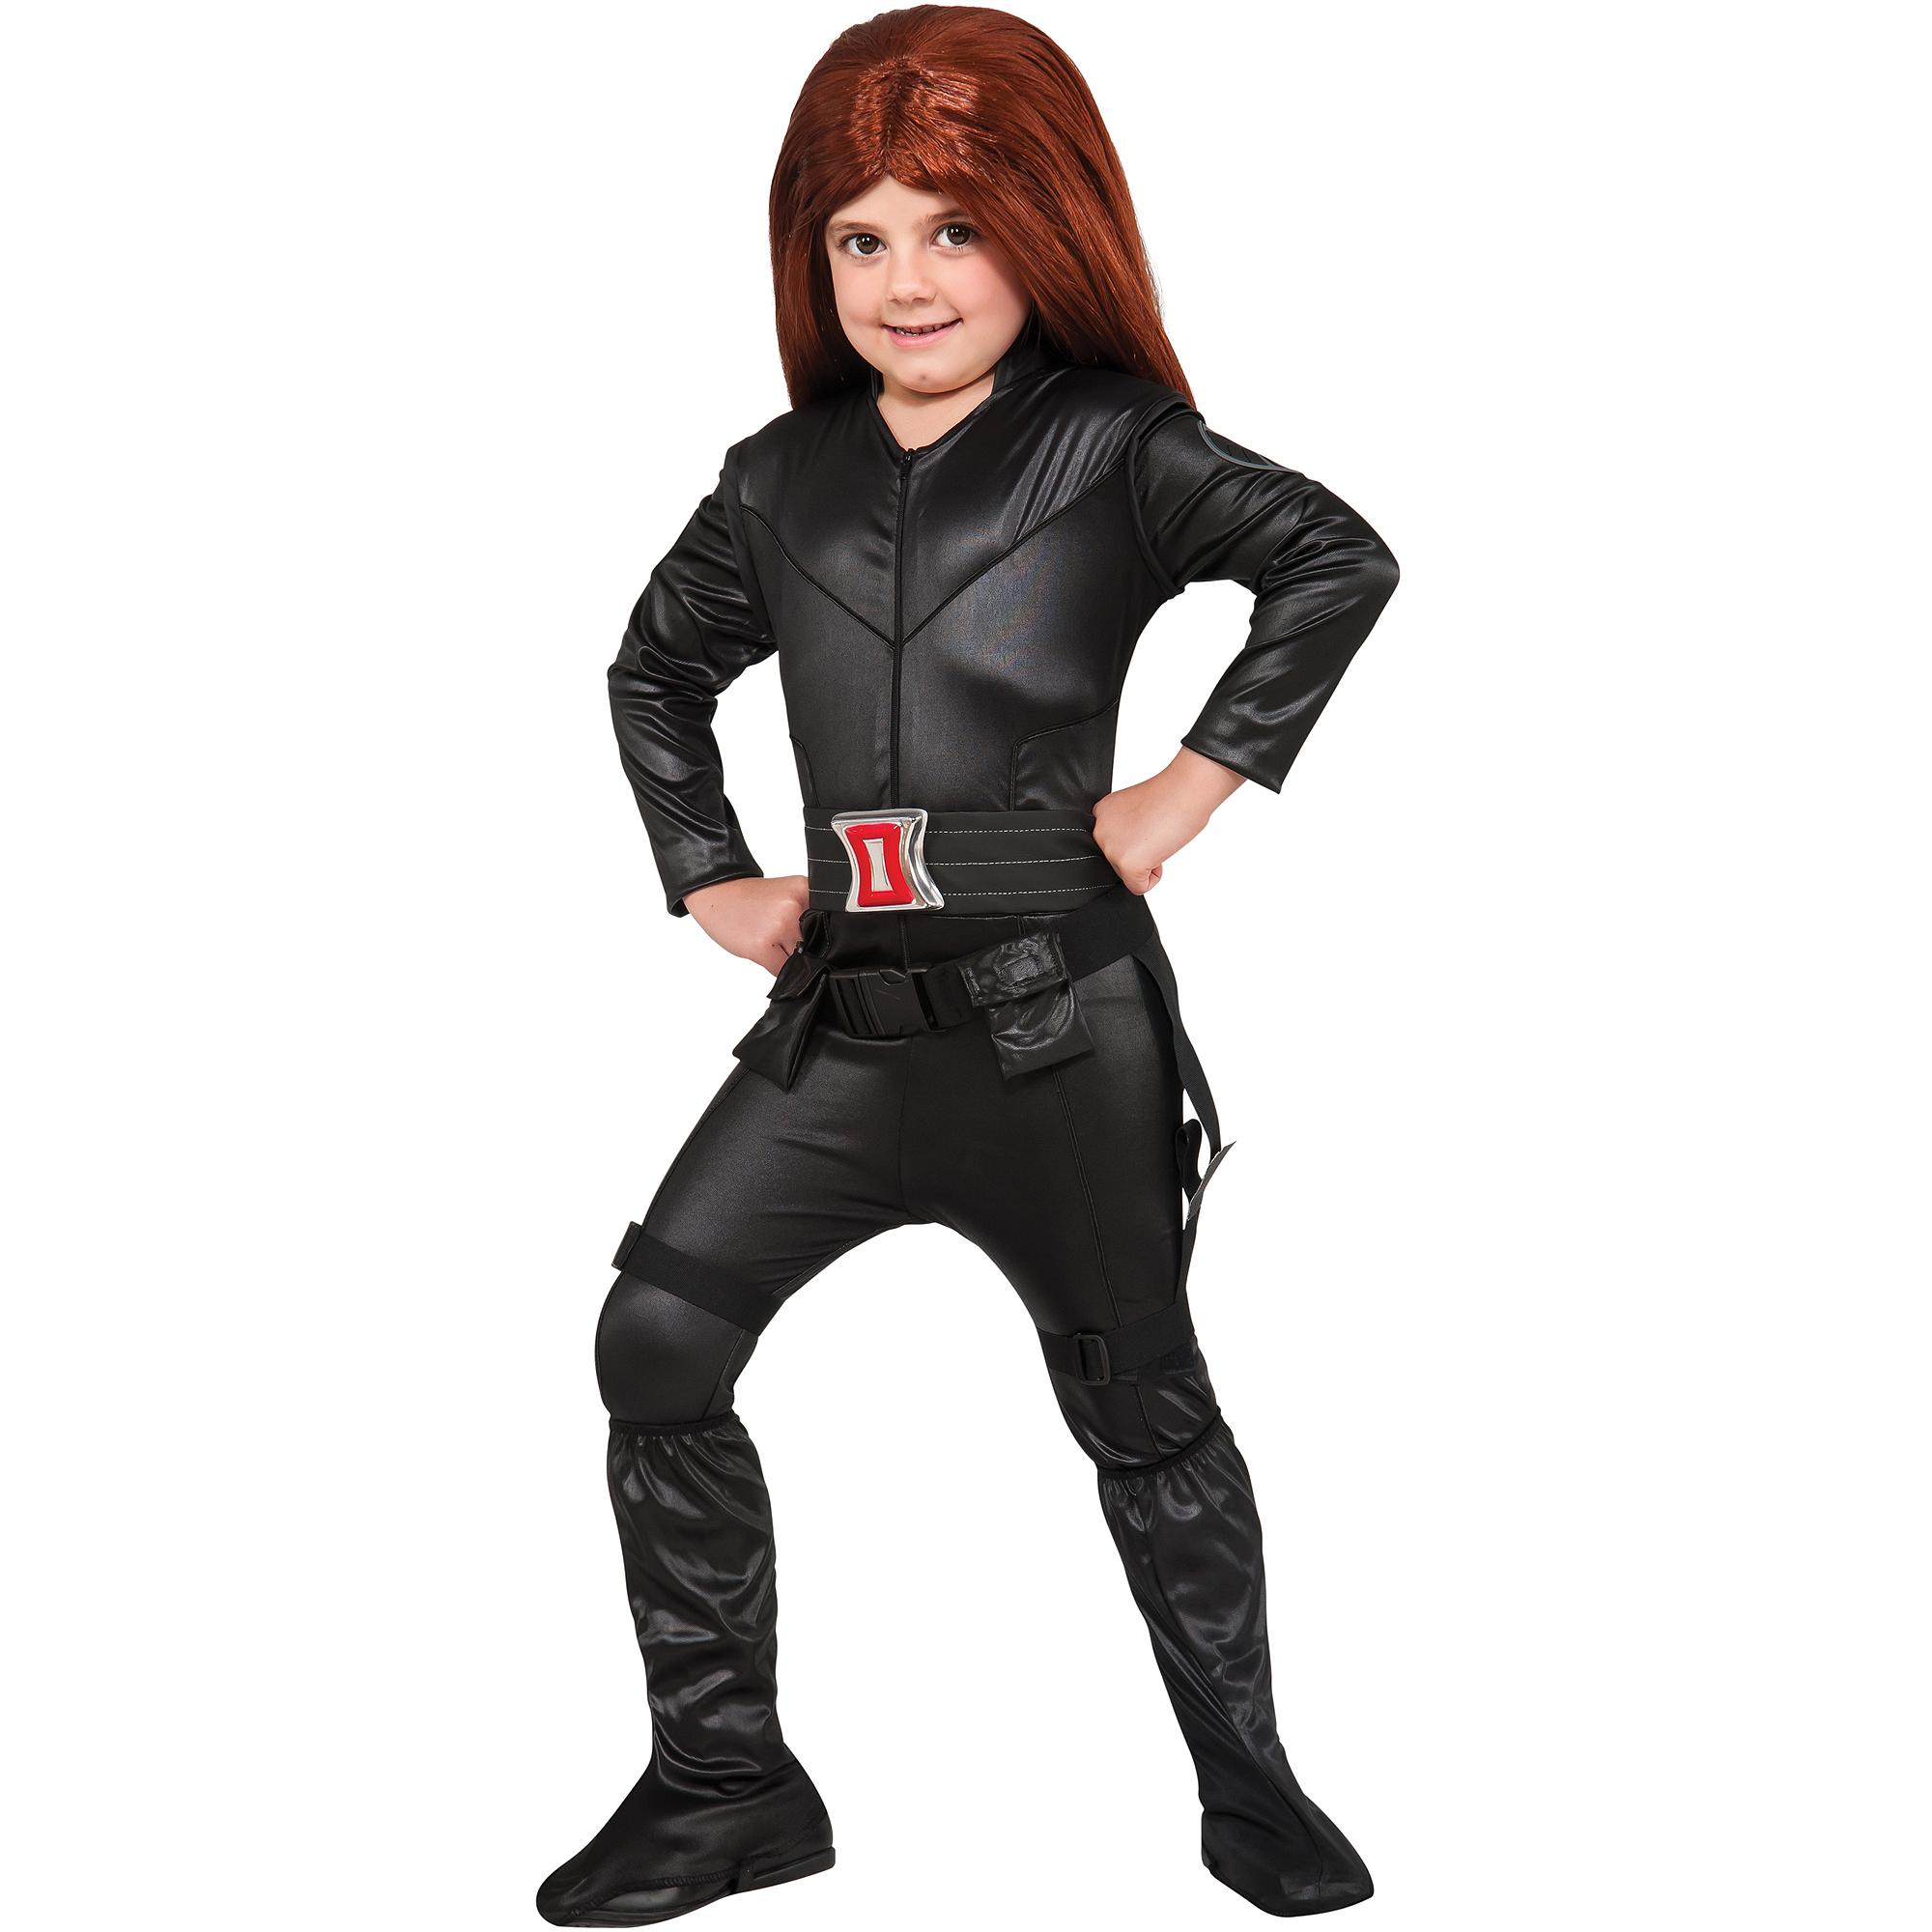 Deluxe Black Widow Child Halloween Costume